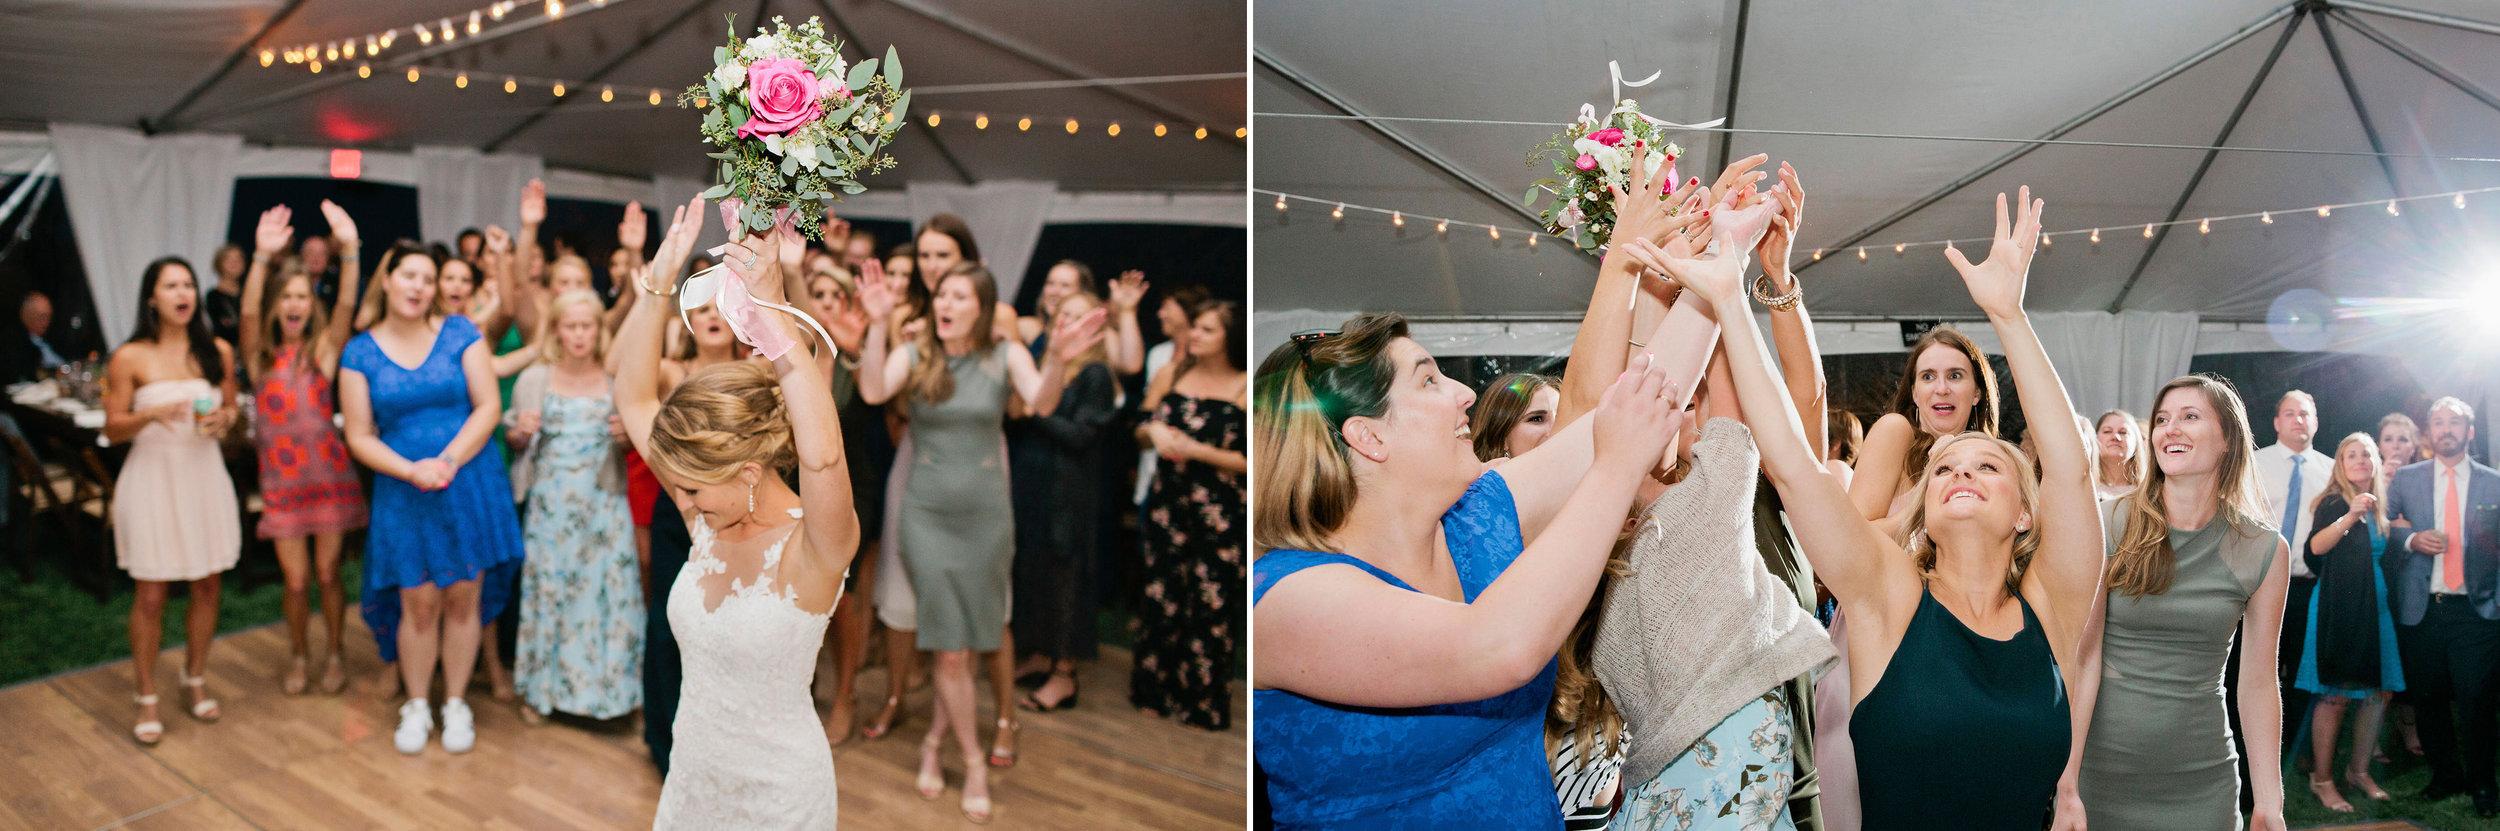 Tahoe-Summer-Wedding-107 copy.jpg